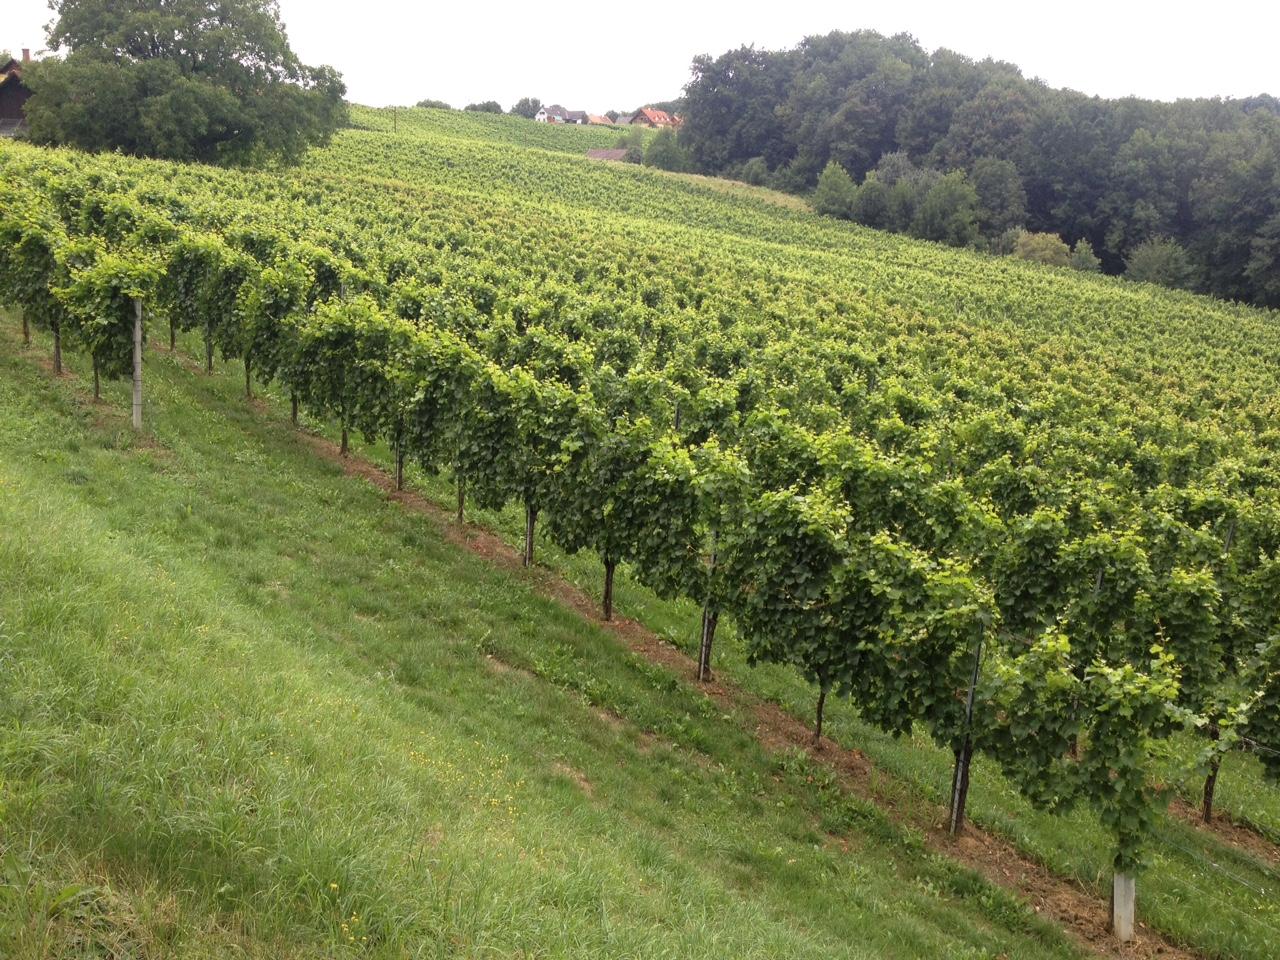 AUNBERG  Seehöe: 320m  - Südost- und Südwesthänge  - Mittelschwerer kalkhältiger Boden aus feinen Tertiärsedimenten  - lehmige, tiefgründige Böden ergeben ausgeprägte und typische Weine